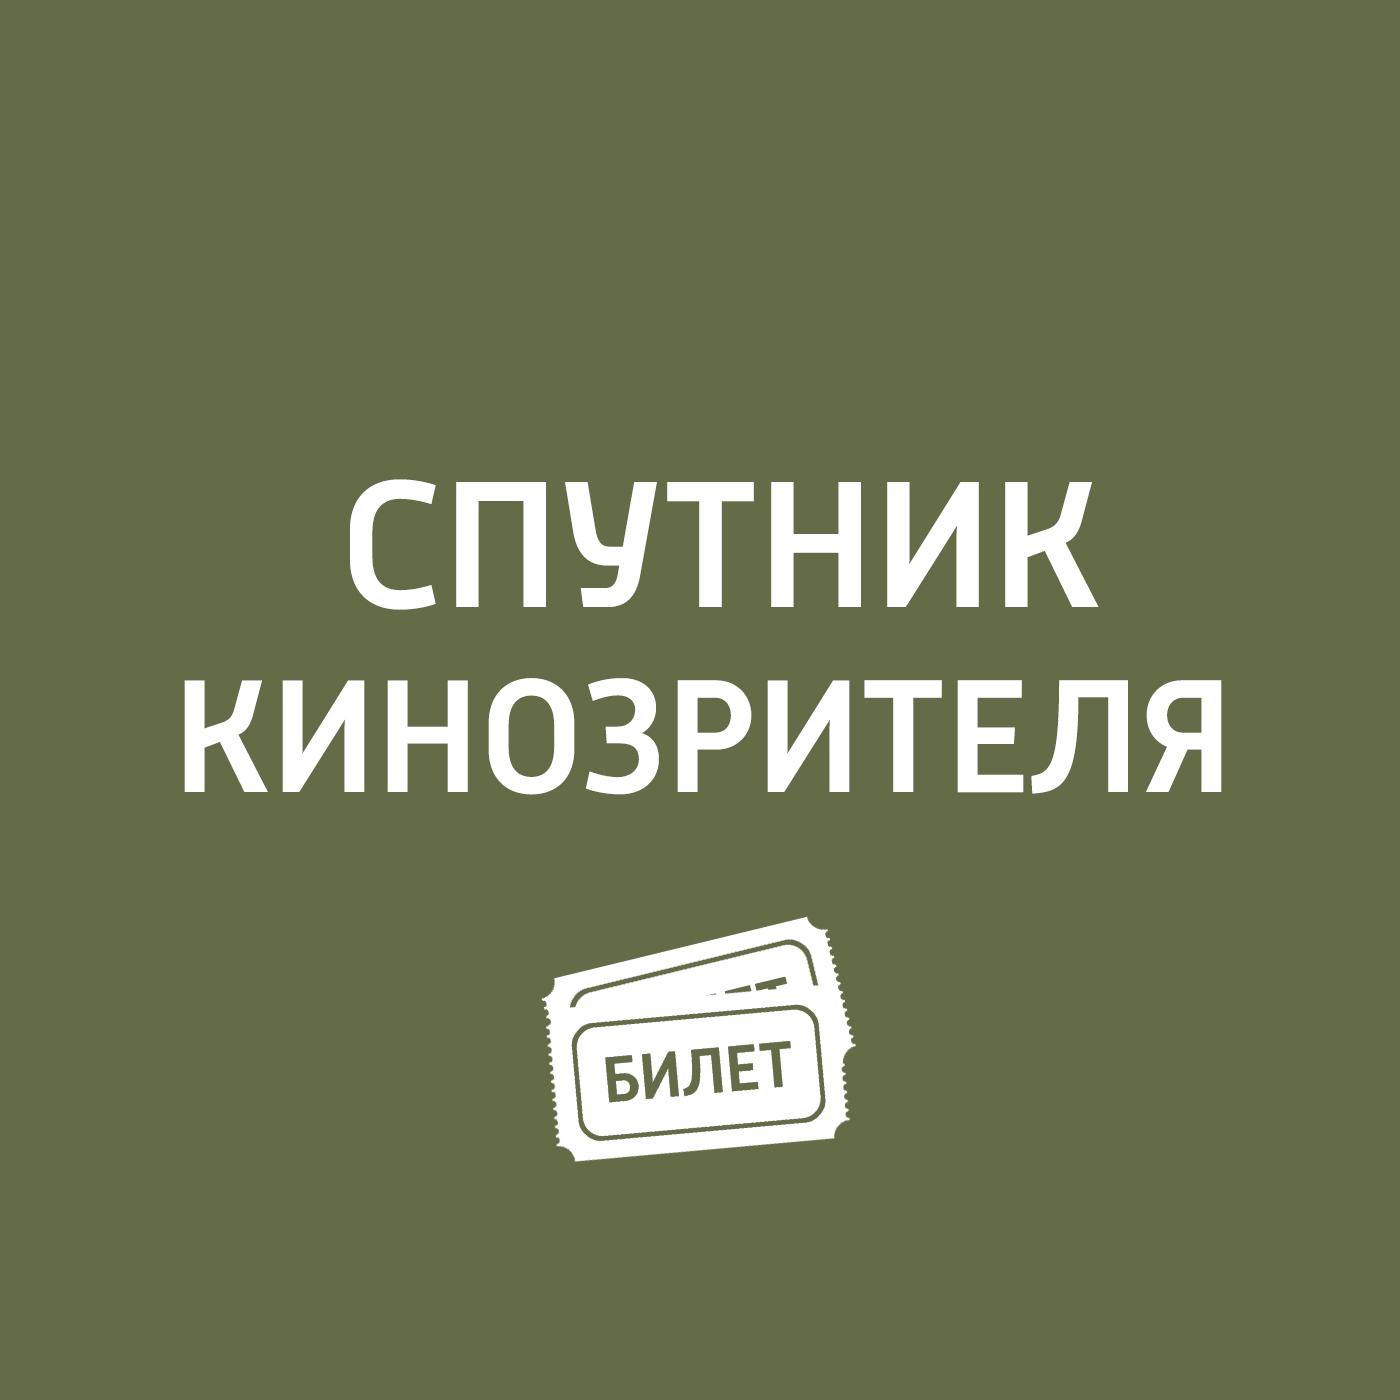 Антон Долин Итоги Венецианского кинофестиваля антон долин итоги премии оскар 2018